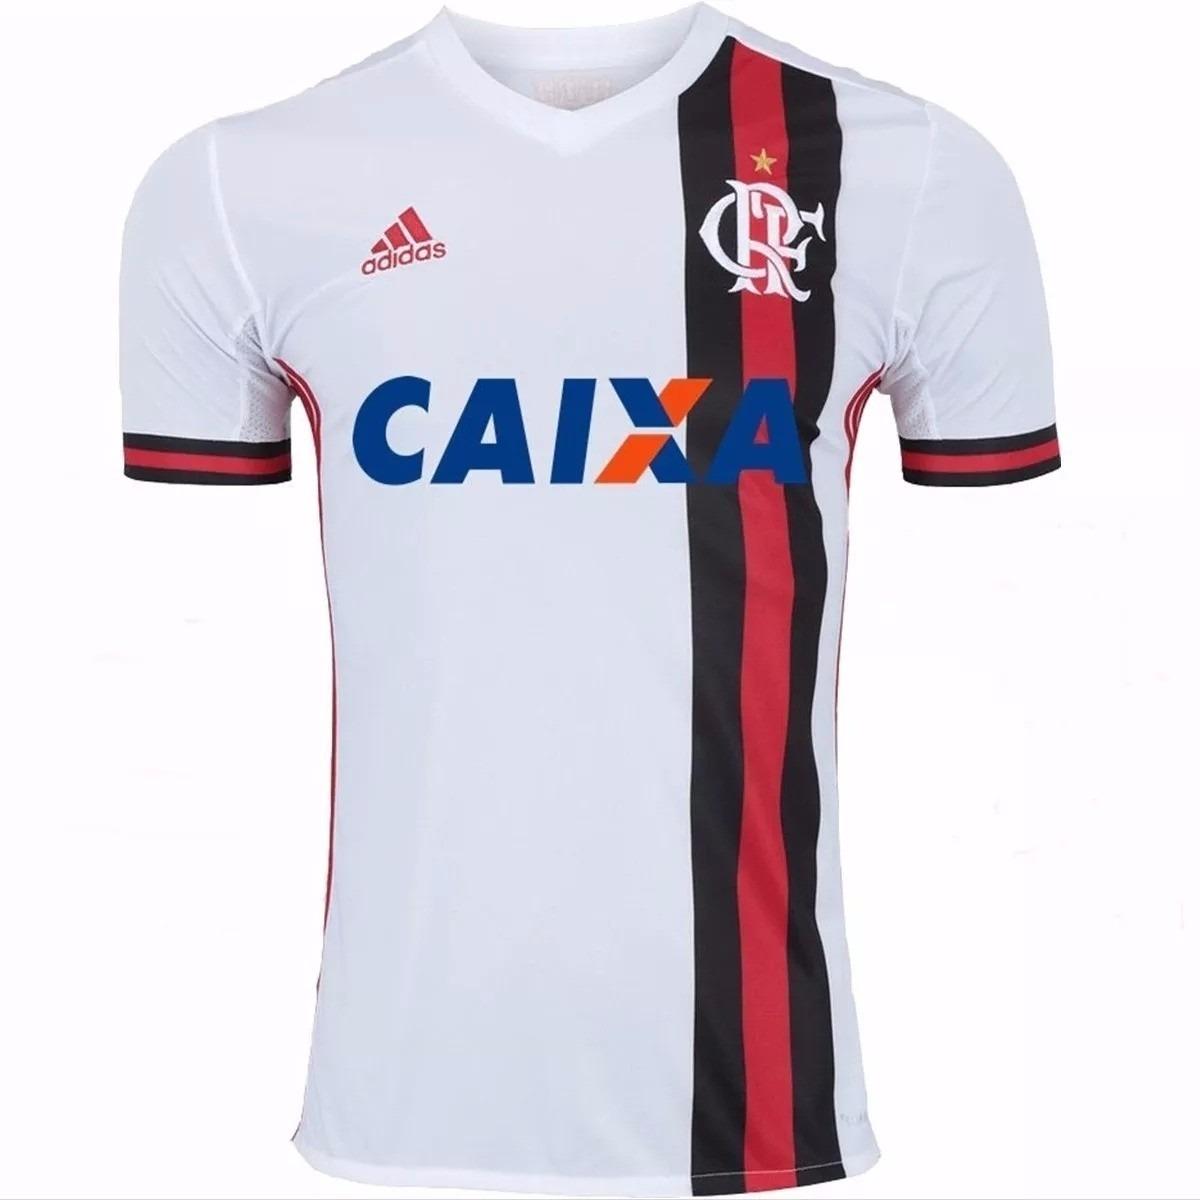 Blusa adidas Camisa Flamengo Mengão Oficial Frete Grátis - R  99 3f5a3f4bb54a7